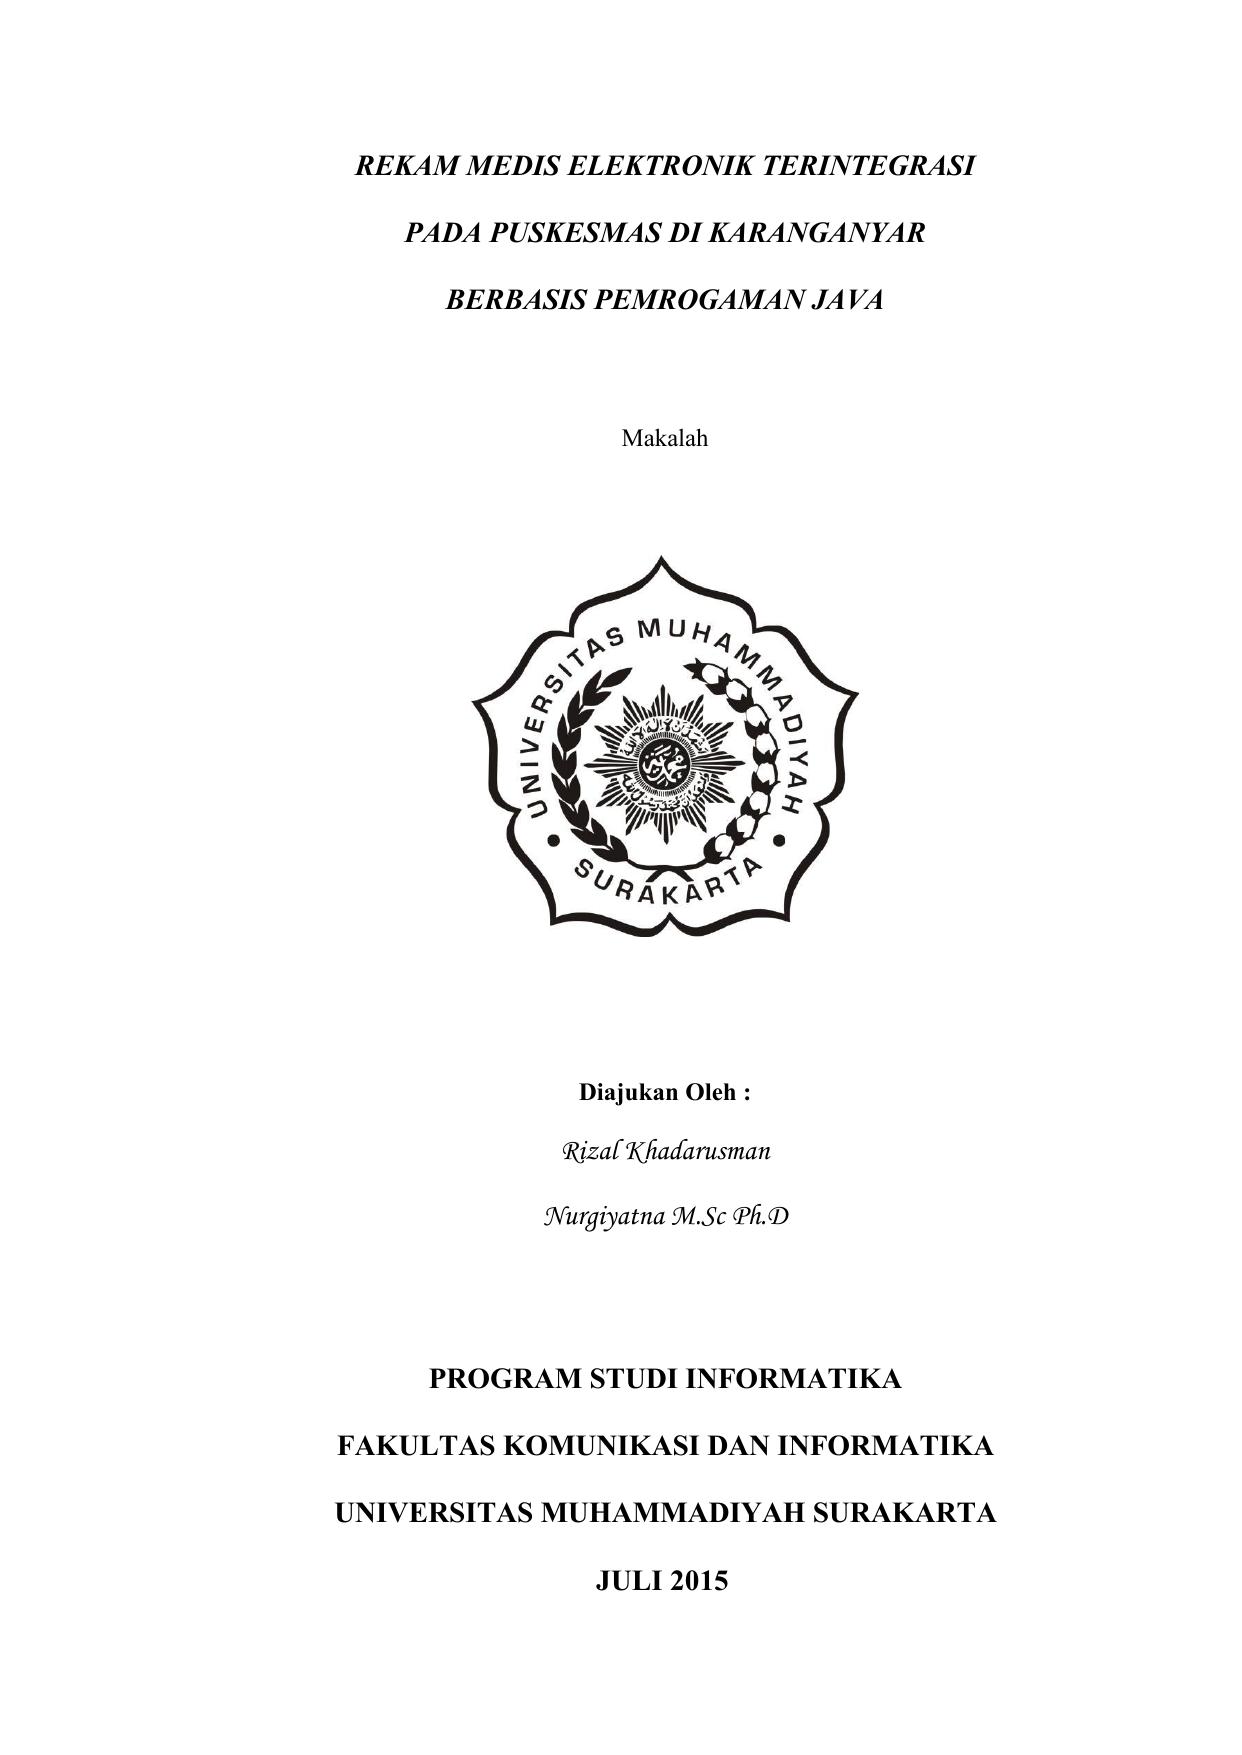 Contoh Skripsi Rekam Medis Contoh Soal Dan Materi Pelajaran 8